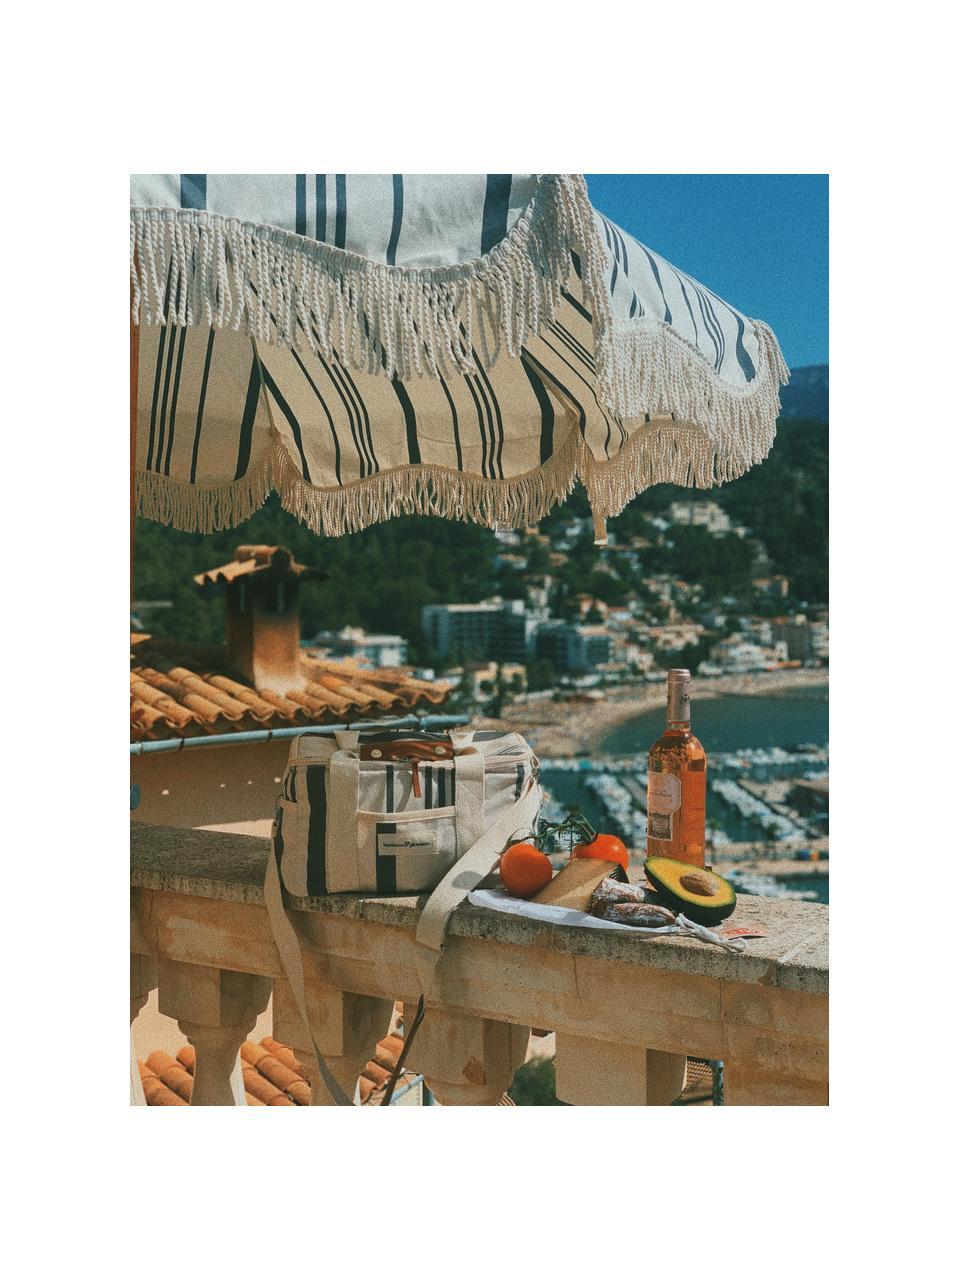 Gestreifter Sonnenschirm Retro mit Fransen, abknickbar, Gestell: Holz, laminiert, Fransen: Baumwolle, Schwarz, Gebrochenes Weiß, Ø 180 x H 230 cm